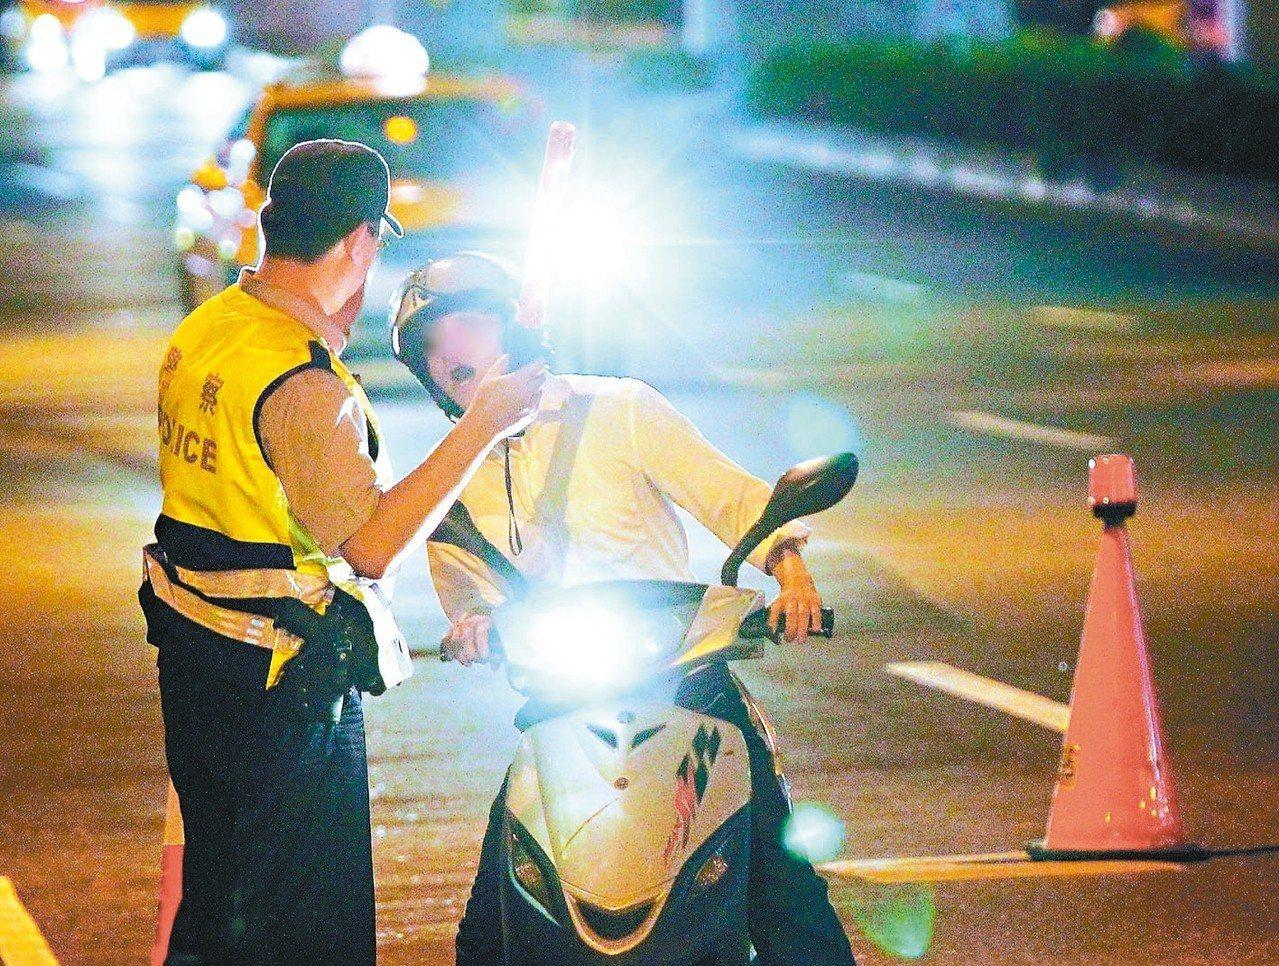 根據數據顯示,酒駕肇事件數及死亡人數以機車為大宗。圖為警方攔查機車騎士執行酒測勤...